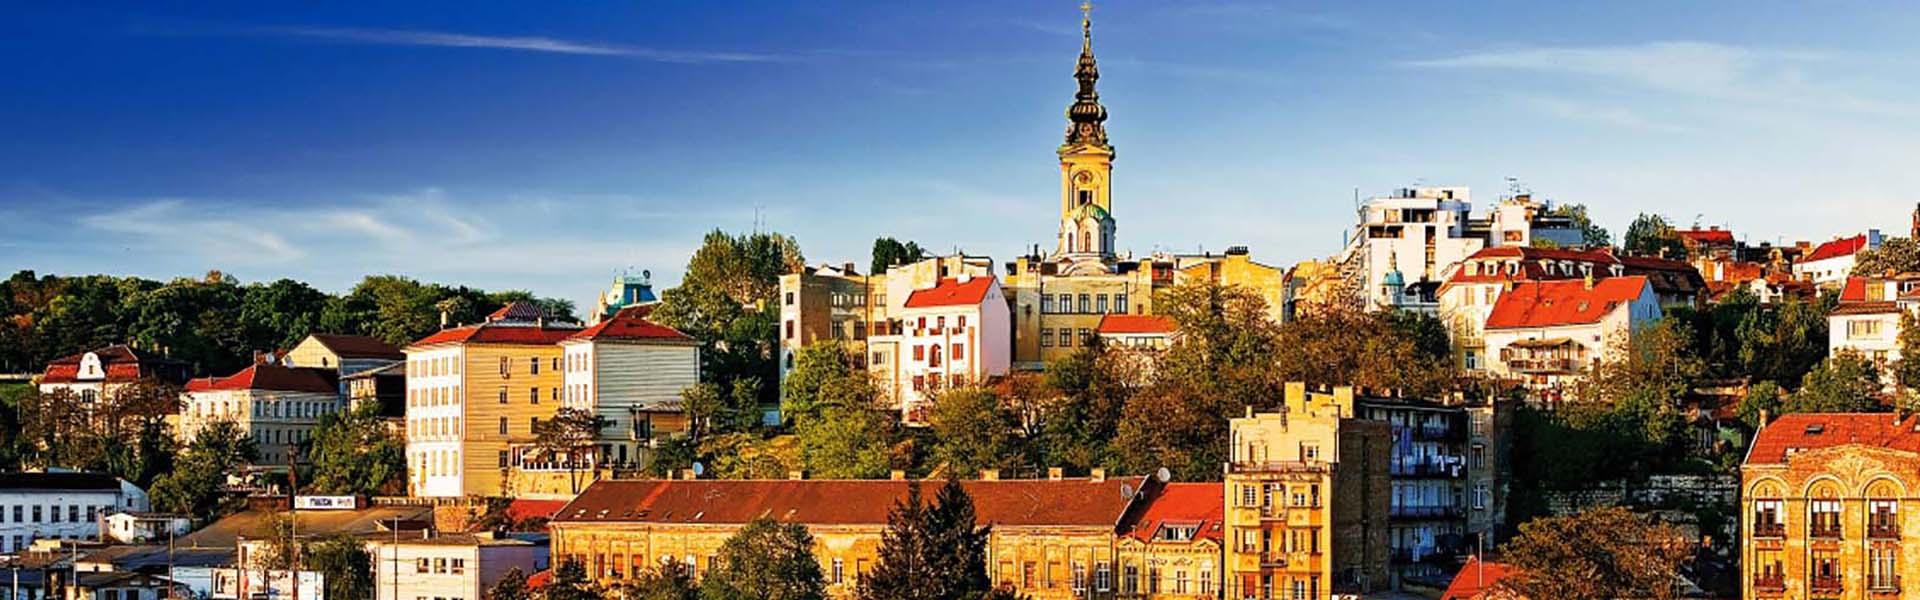 Dostava hrane Stari grad | Beograd